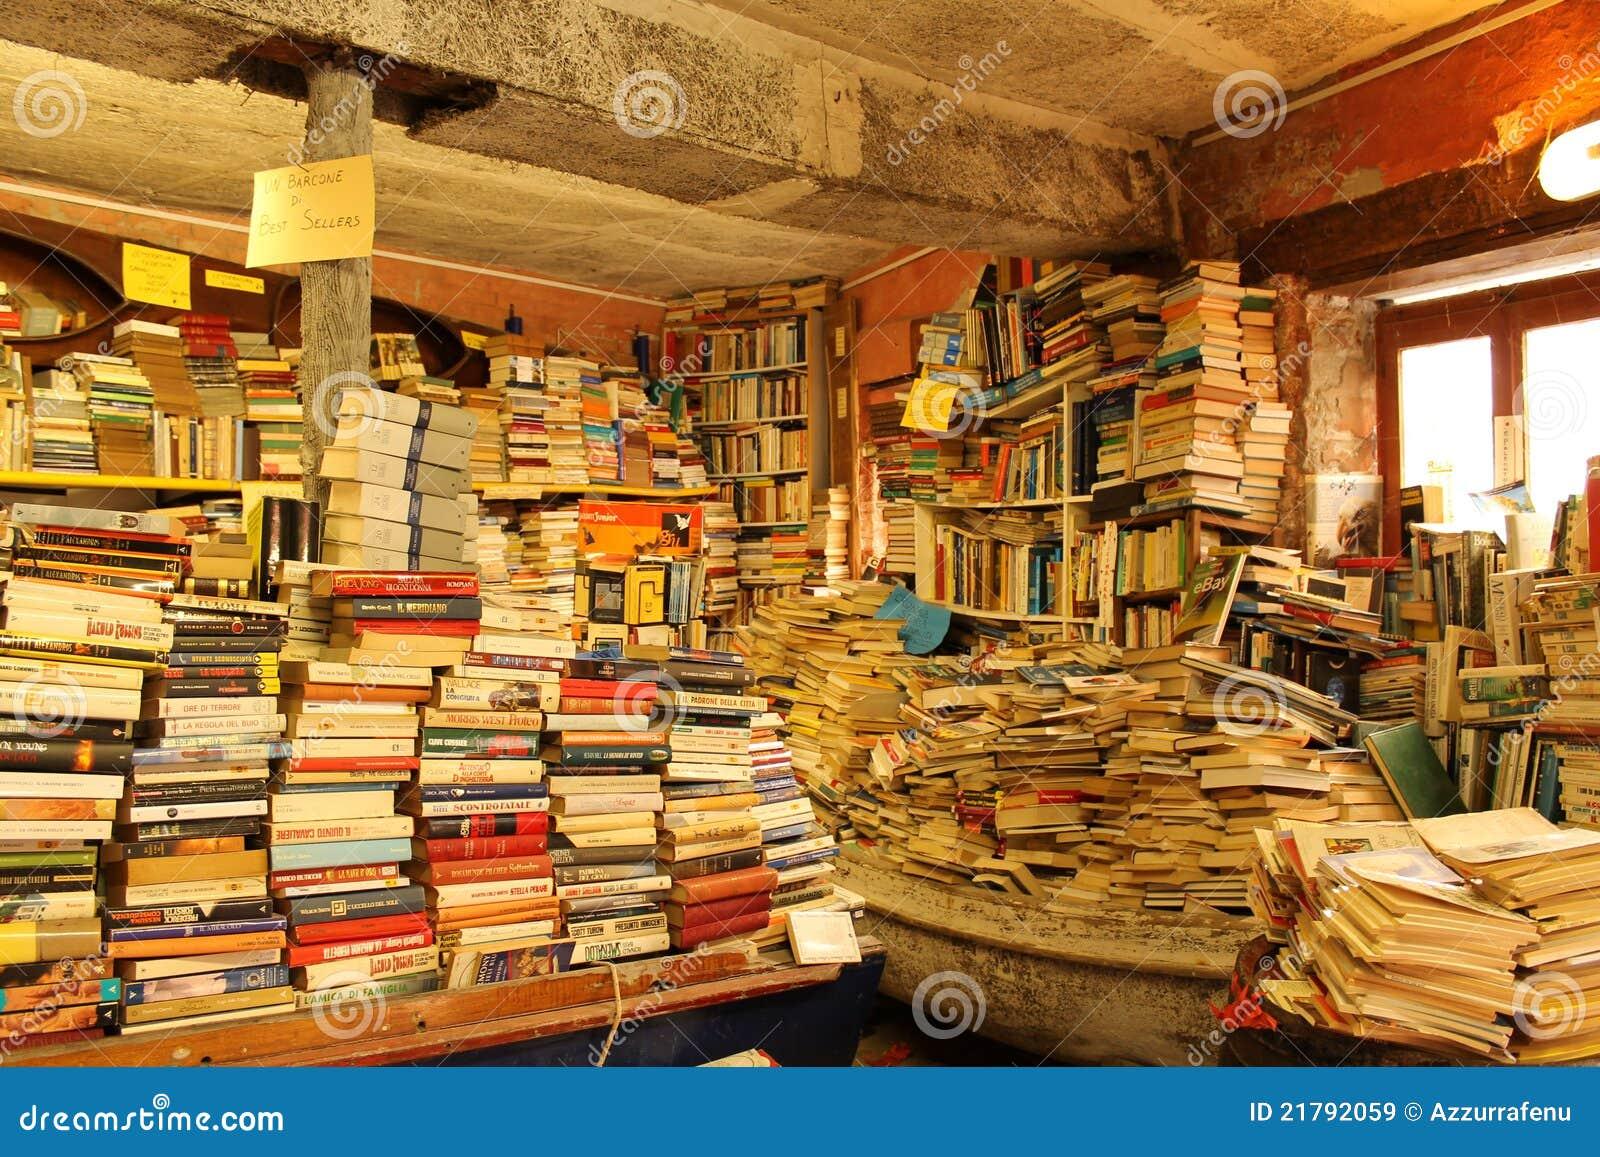 Vecchia libreria a venezia immagine stock editoriale for Acquisto libreria